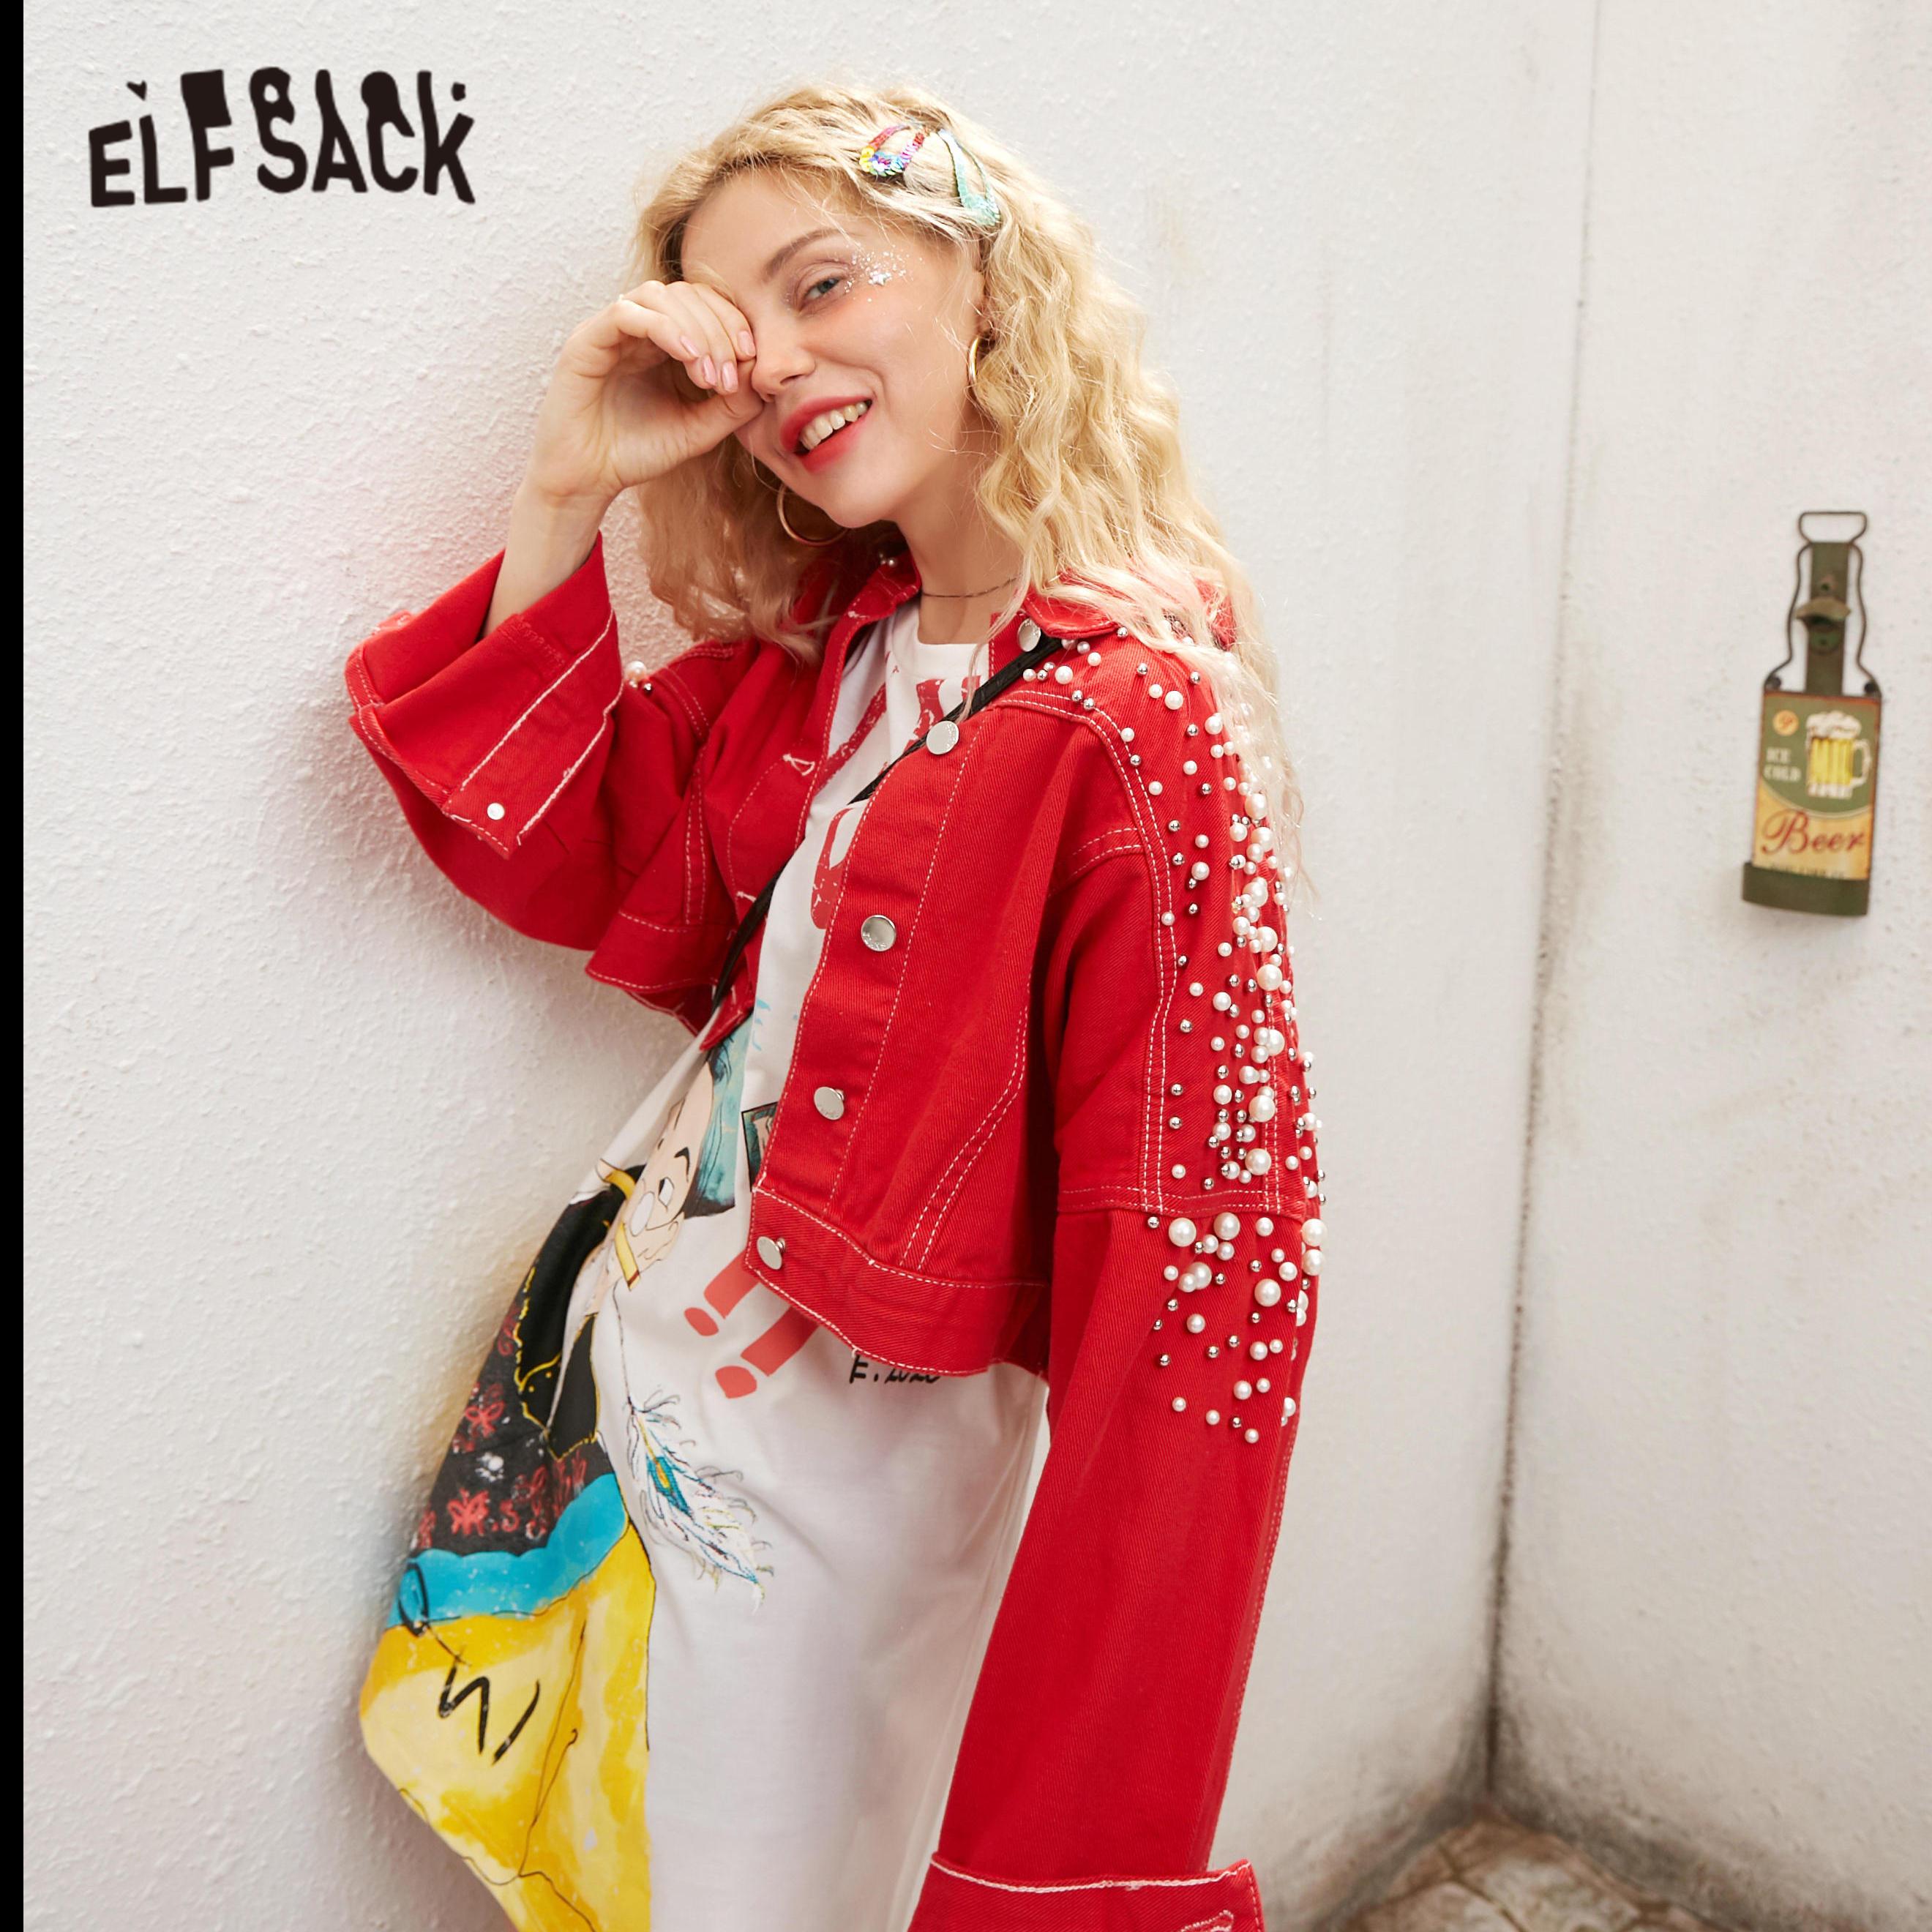 ELFSACK White Solid Pearls Beaded Casual Women Short Denim Jacket 2020 Spring Red Vintage Single Breasted Korean Ladies Outwears